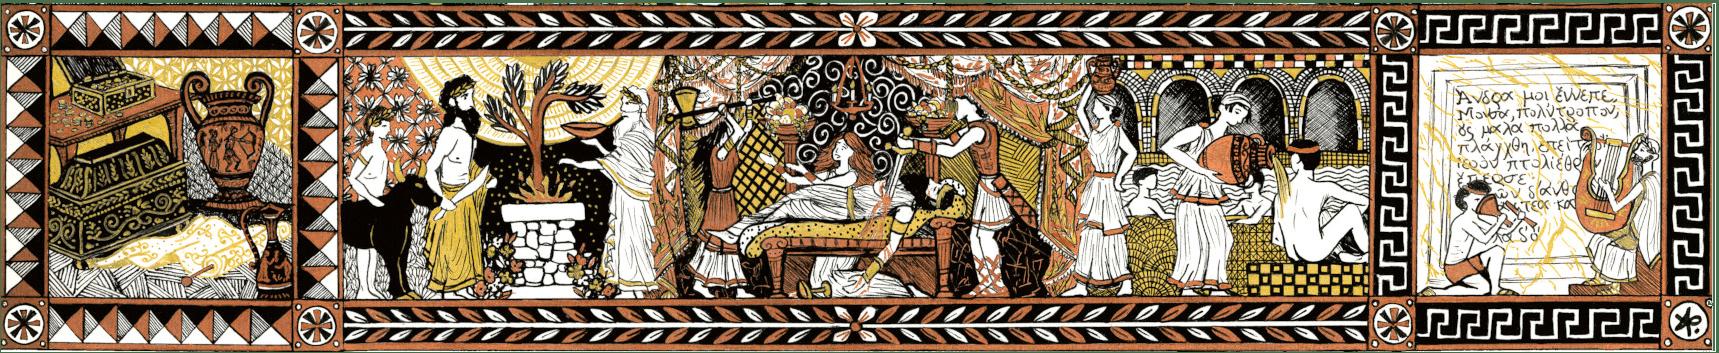 illustration et cartographie de l'Odyssée